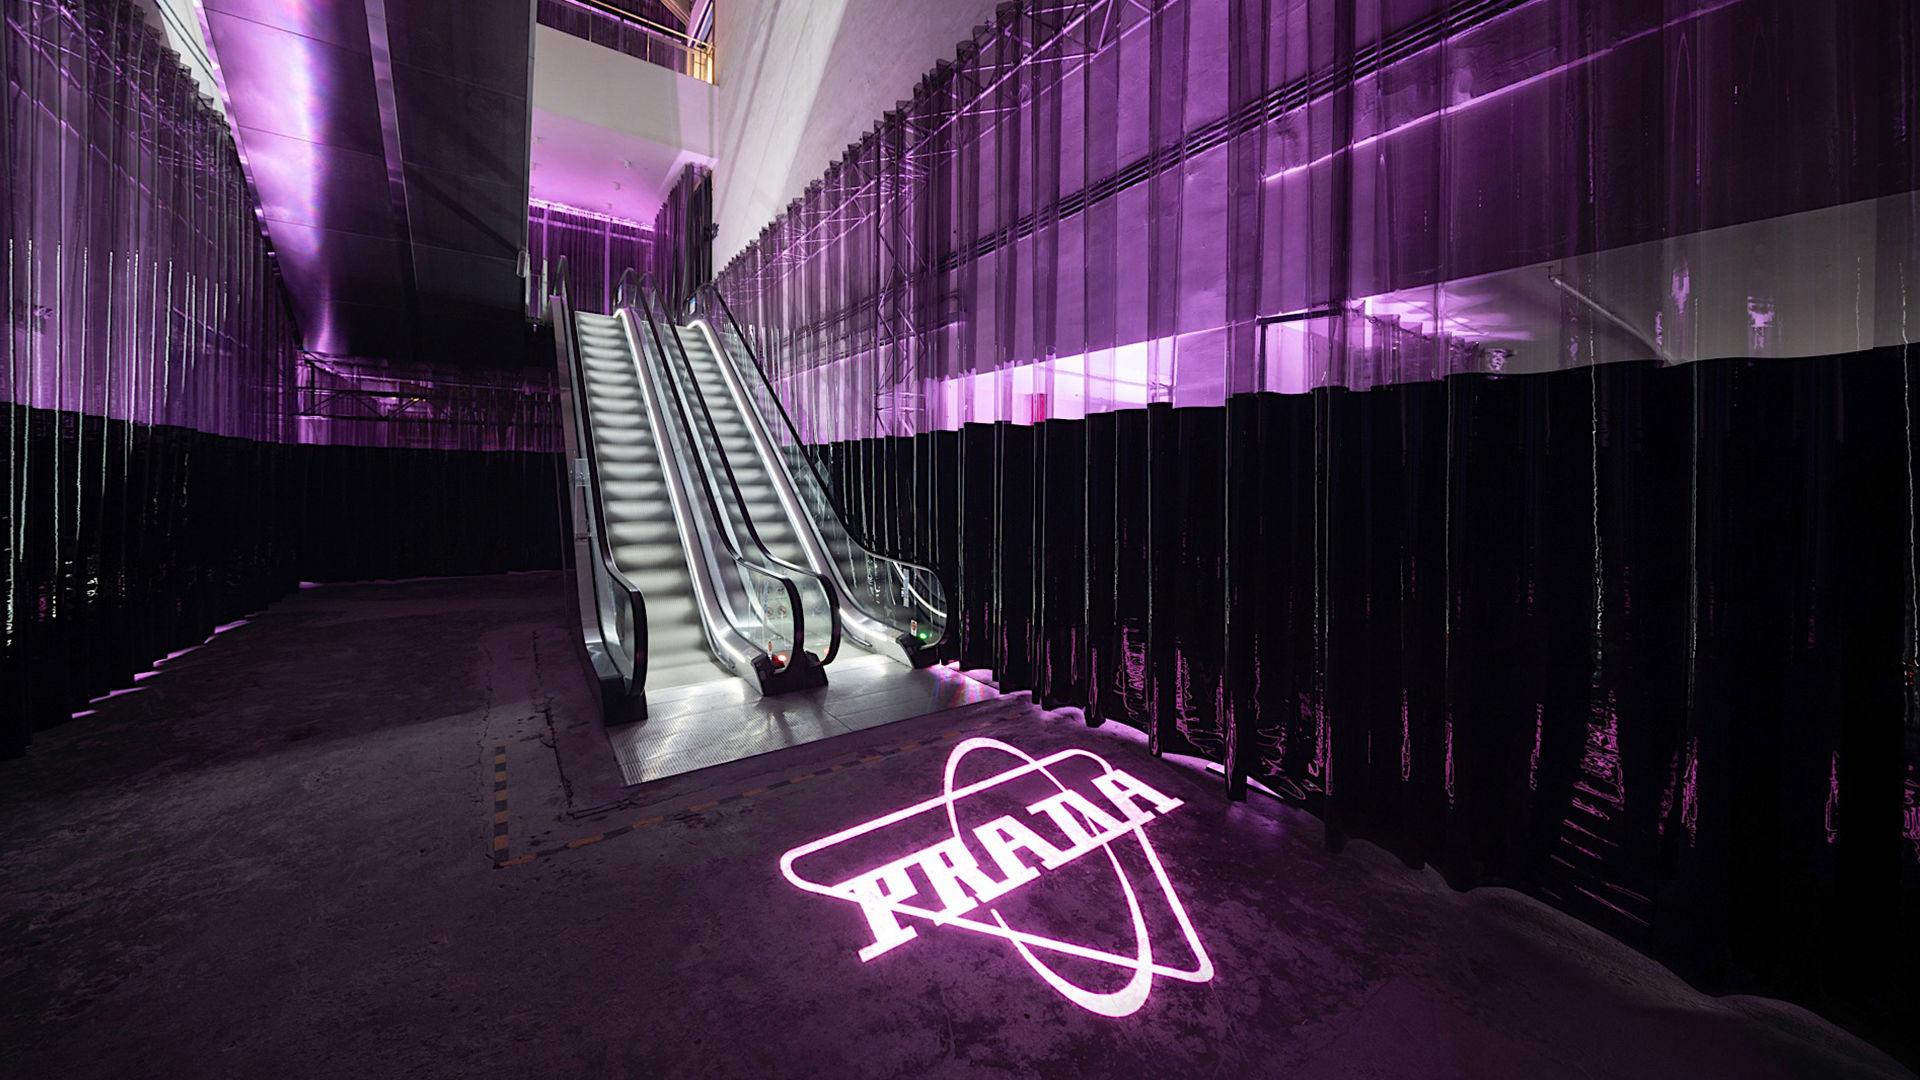 Stedet er designet av AMO for Prada